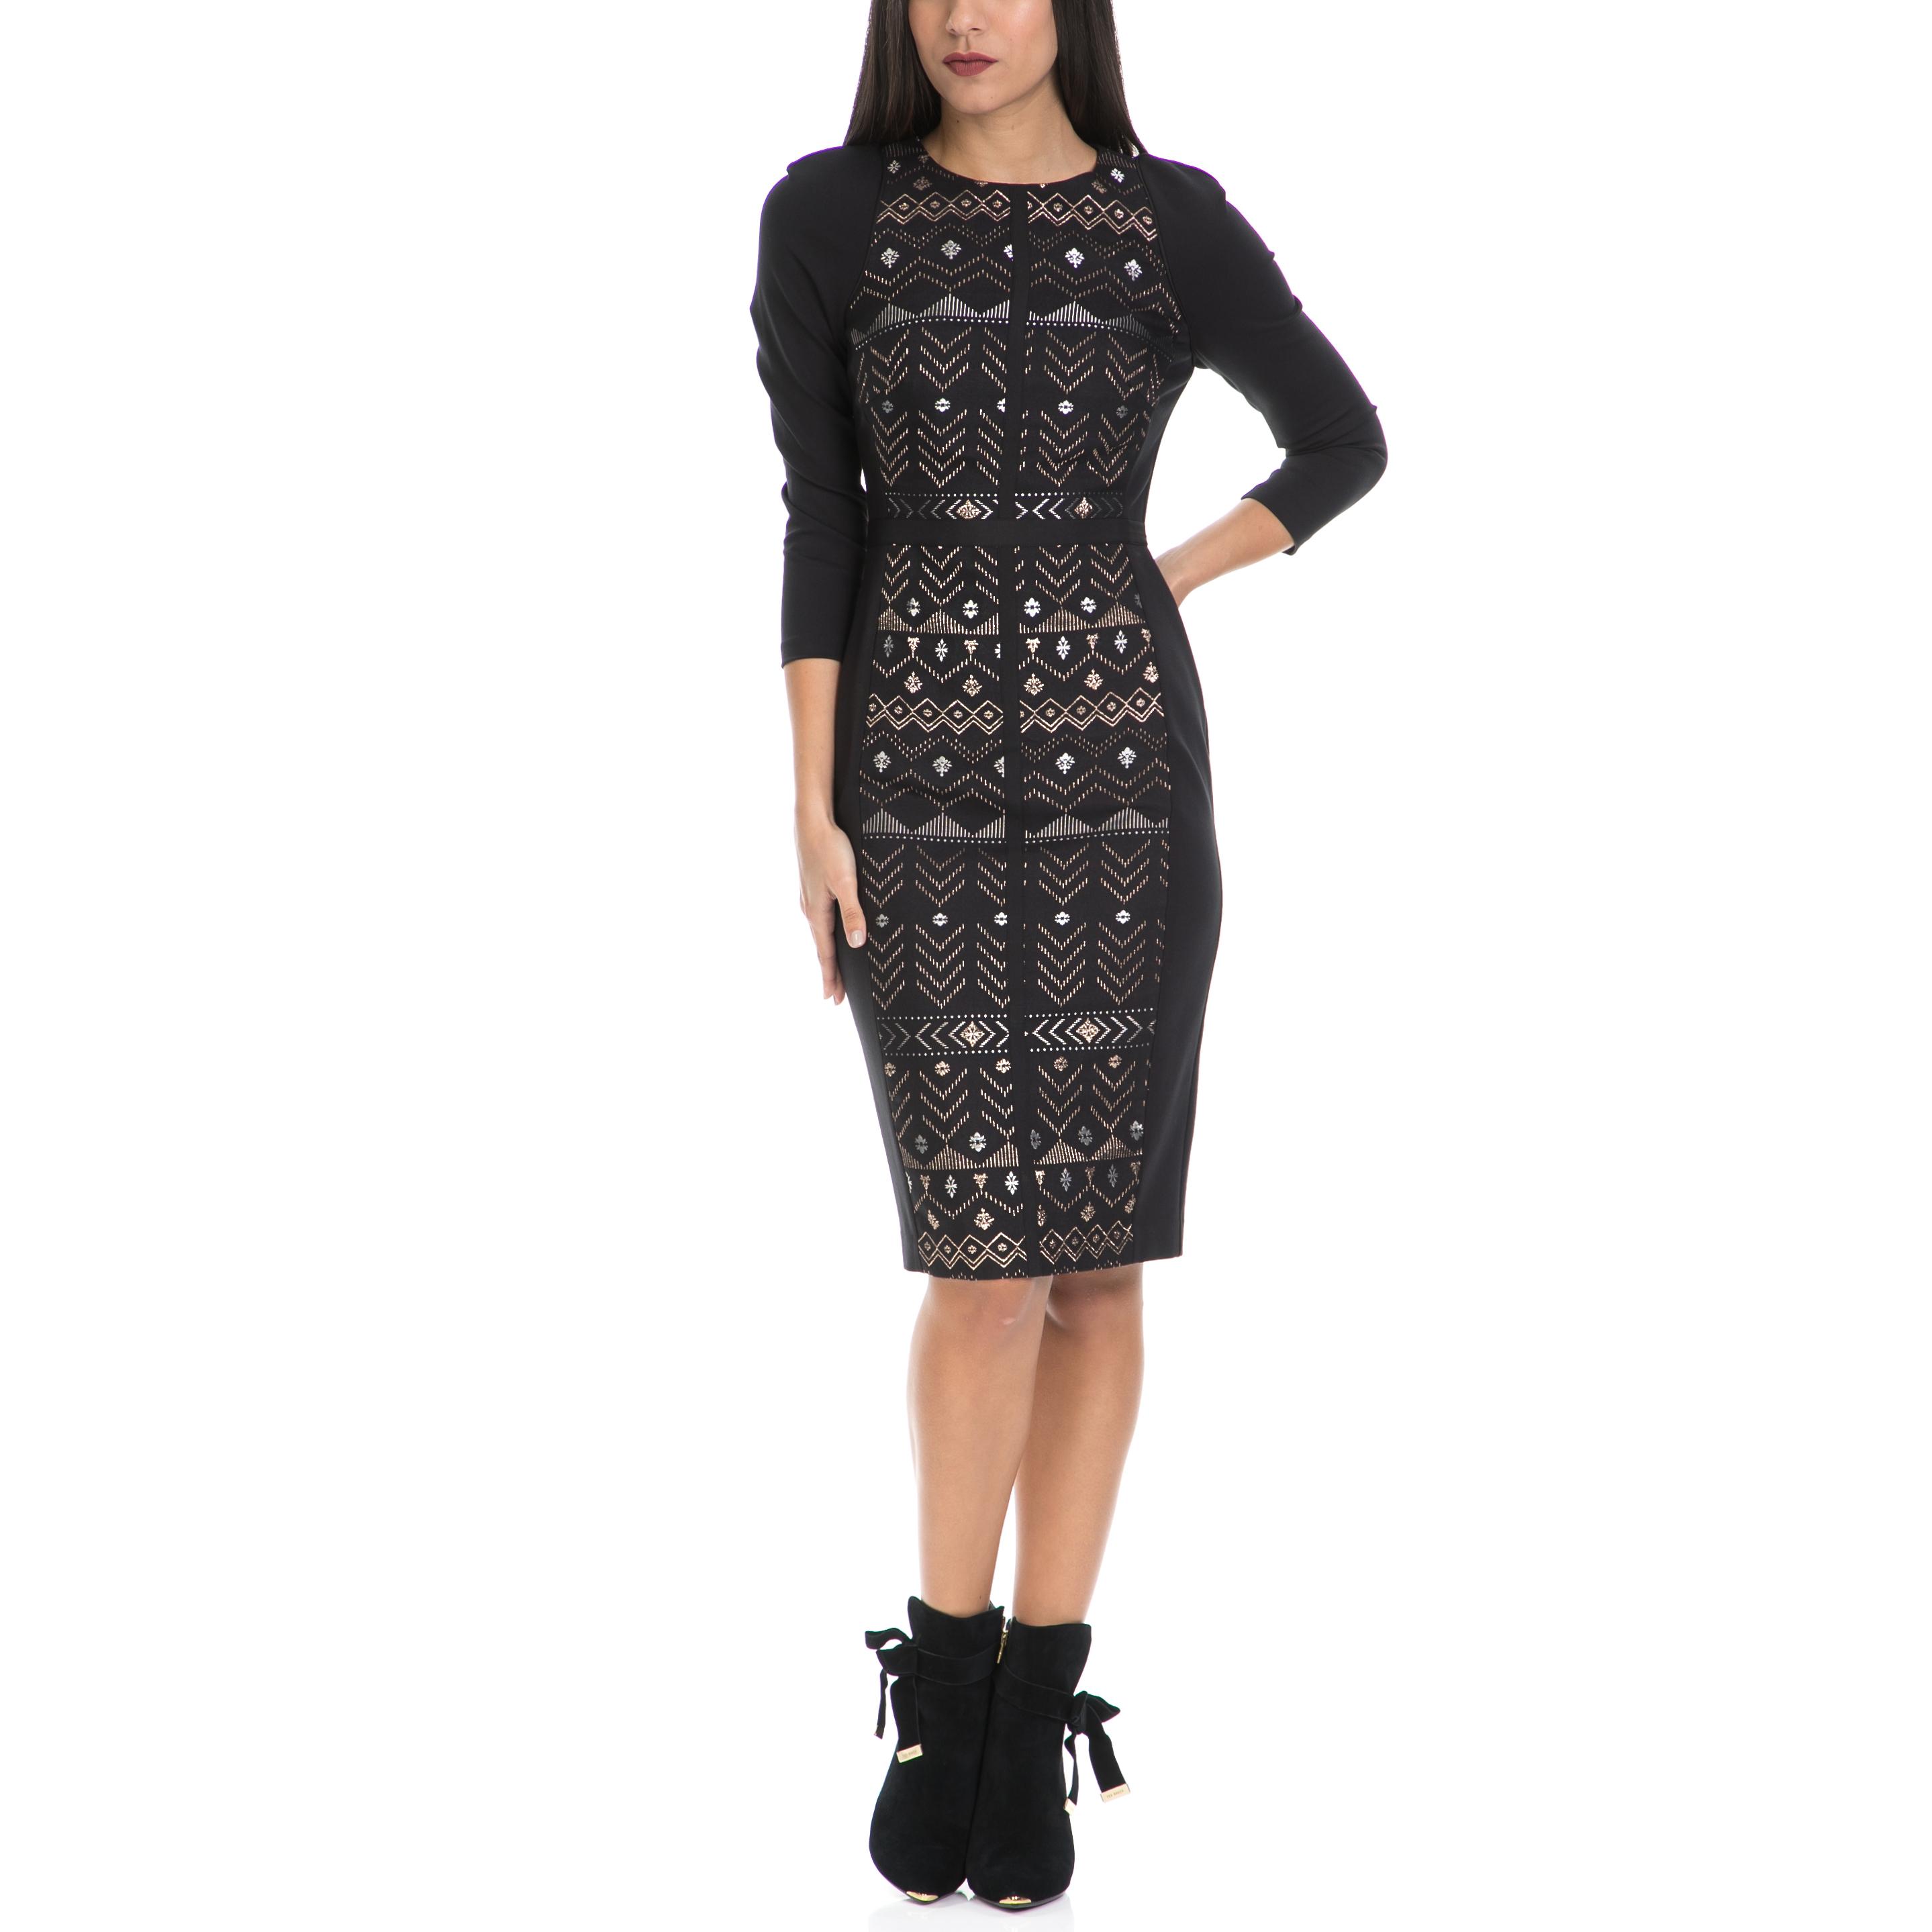 TED BAKER - Γυναικείο φόρεμα MILEAE TED BAKER μαύρο γυναικεία ρούχα φορέματα μέχρι το γόνατο